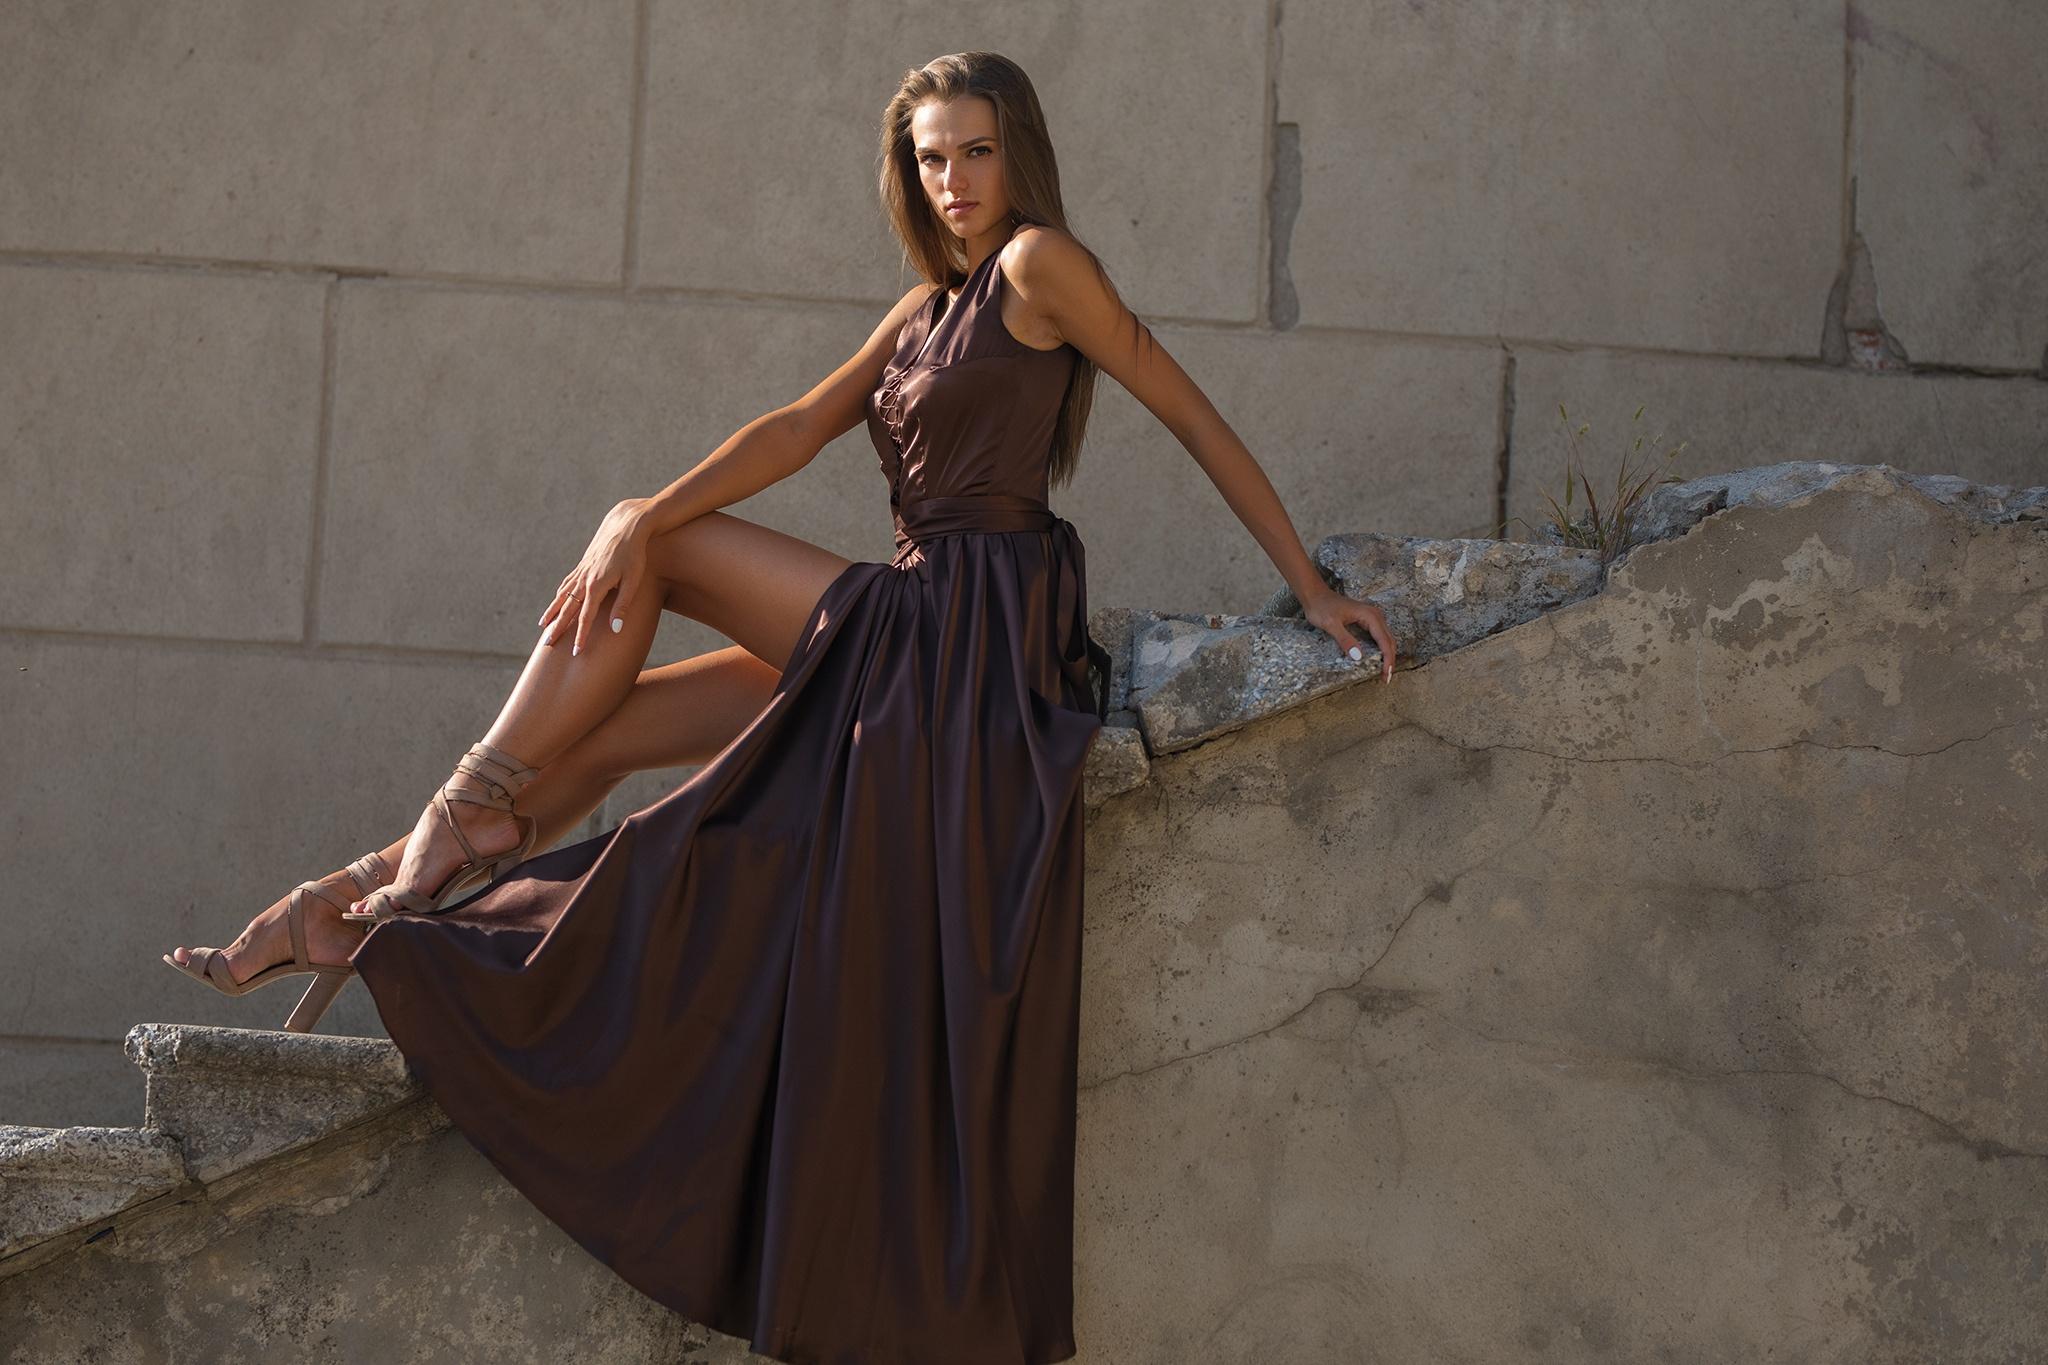 Brunette Dress Girl Long Hair Model Woman 2048x1365